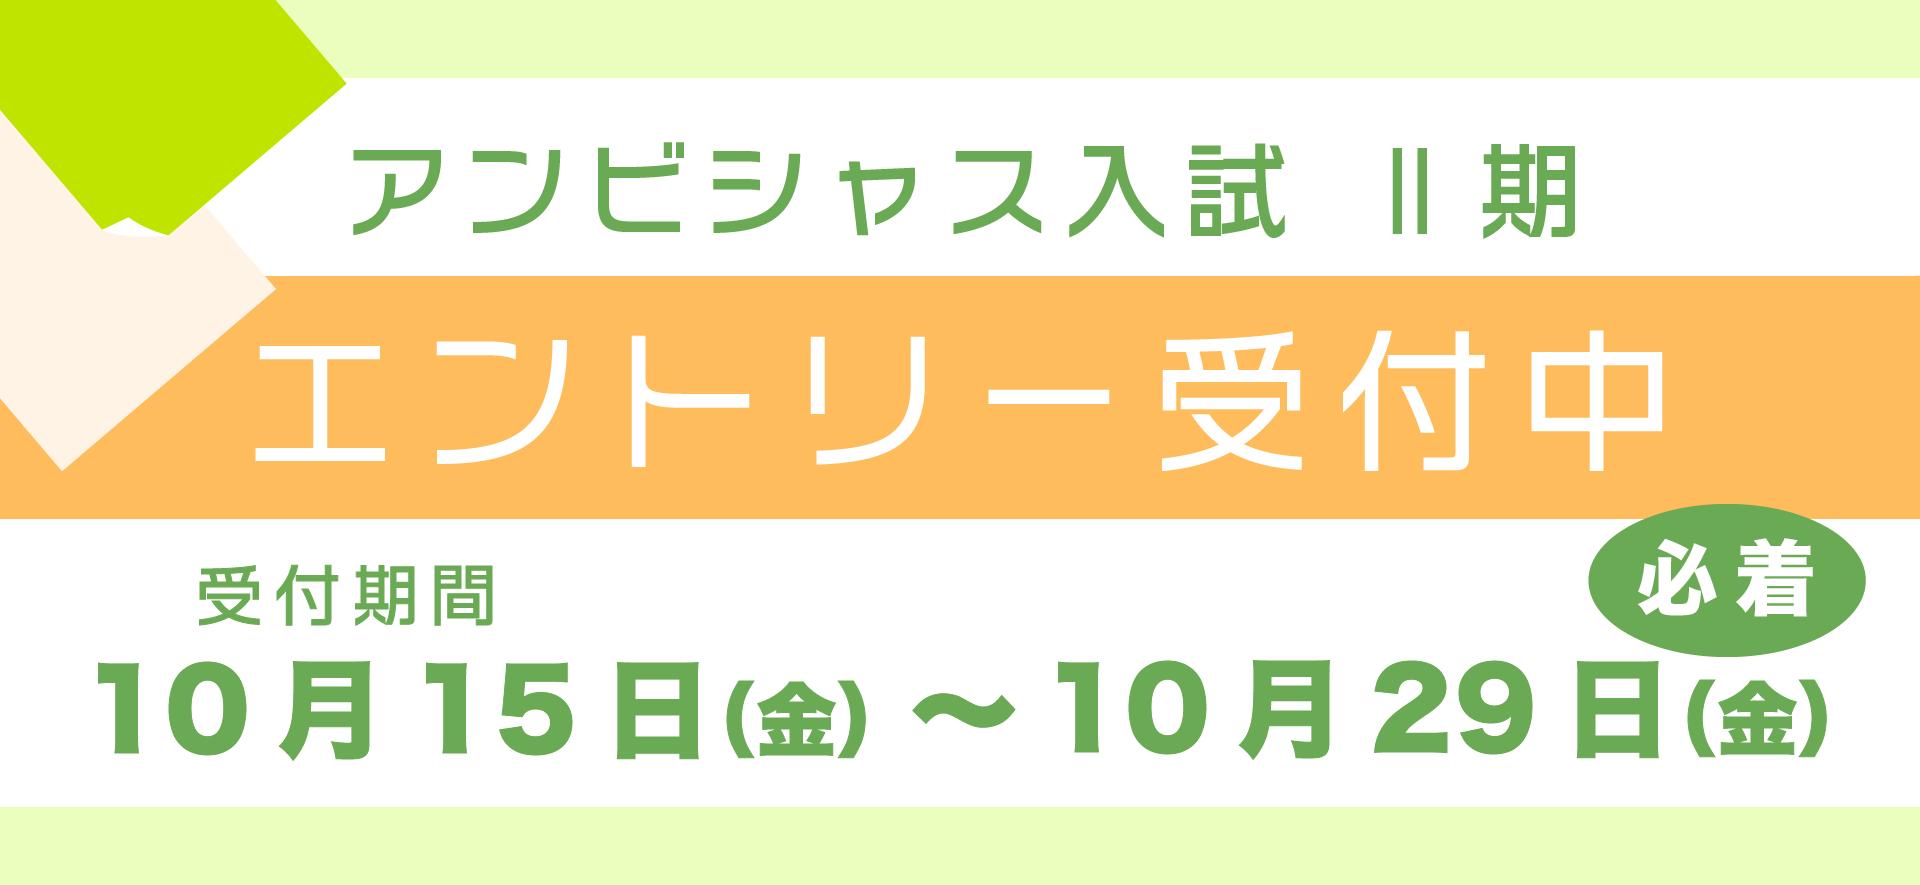 アンビシャス入試Ⅱ期 エントリー受付中!